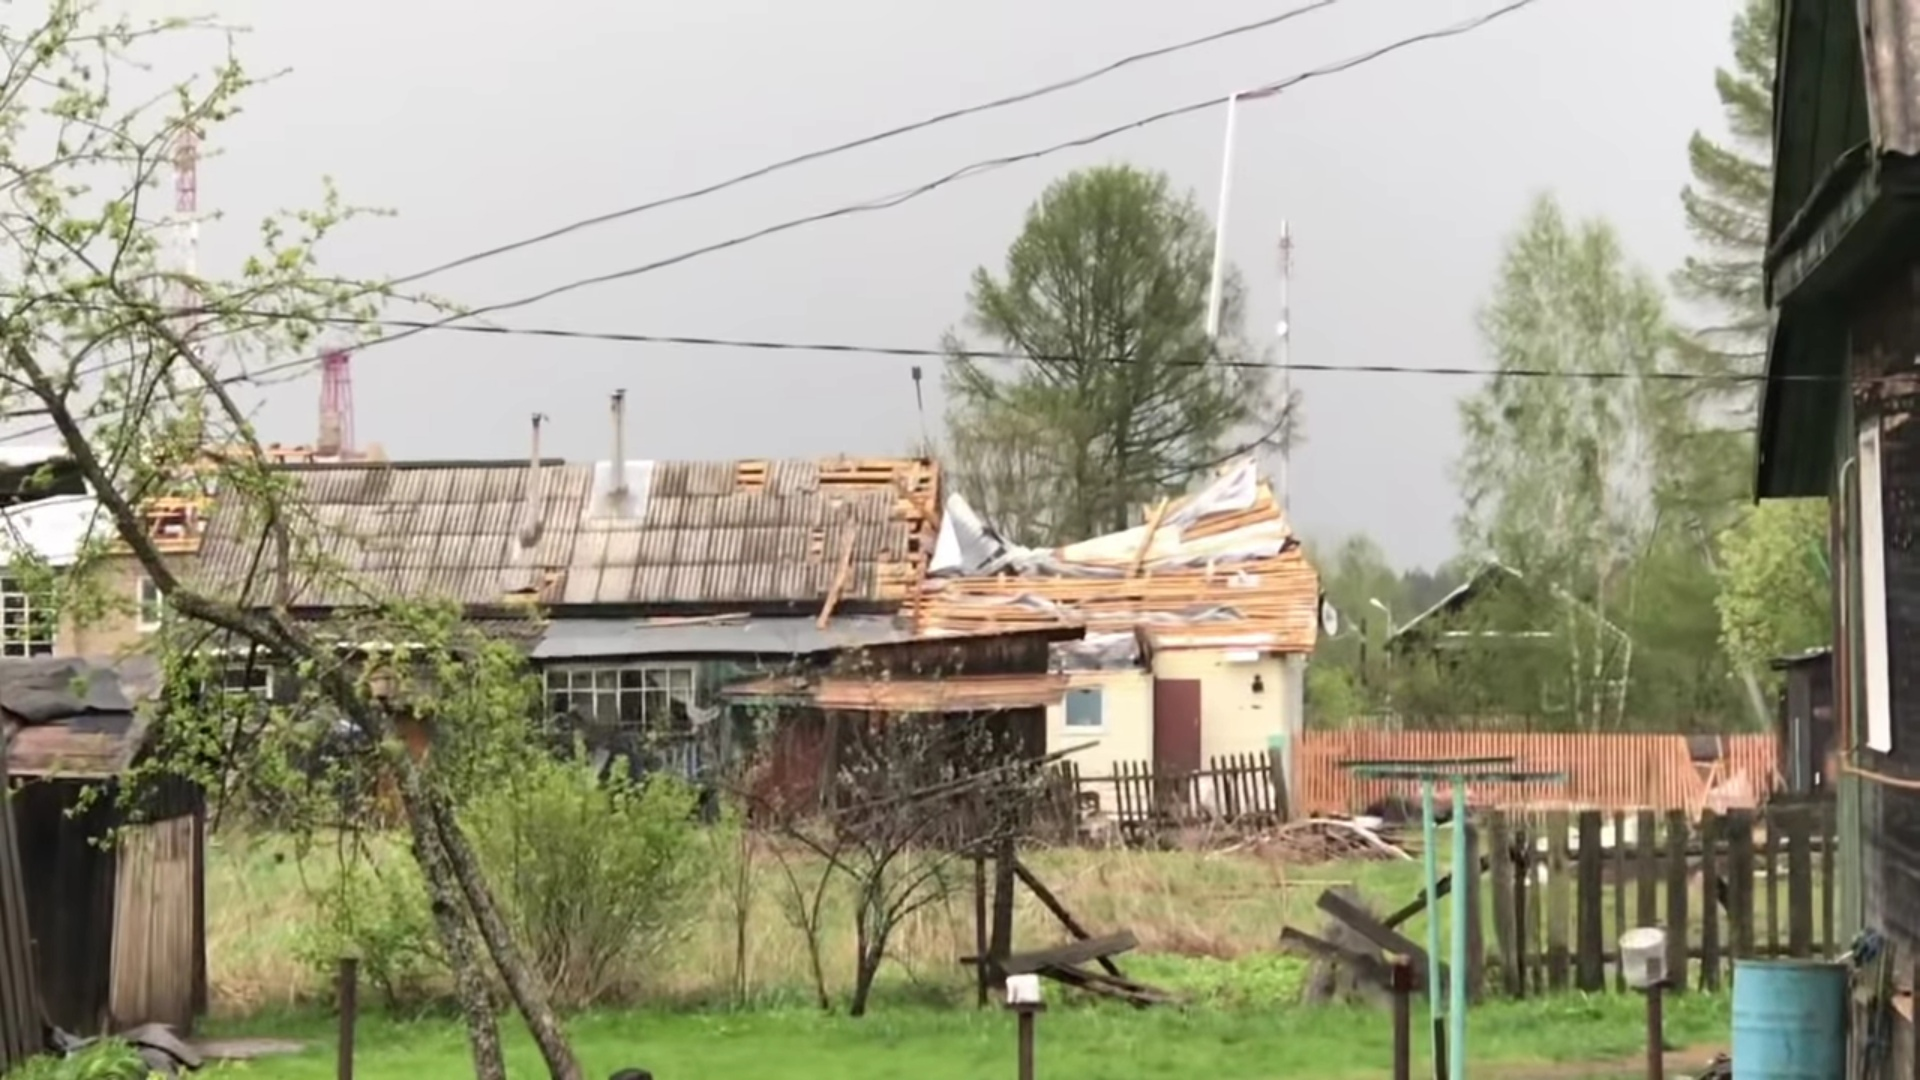 В Любиме ветер сорвал крыши с 17 жилых домов: кадры последствий стихии